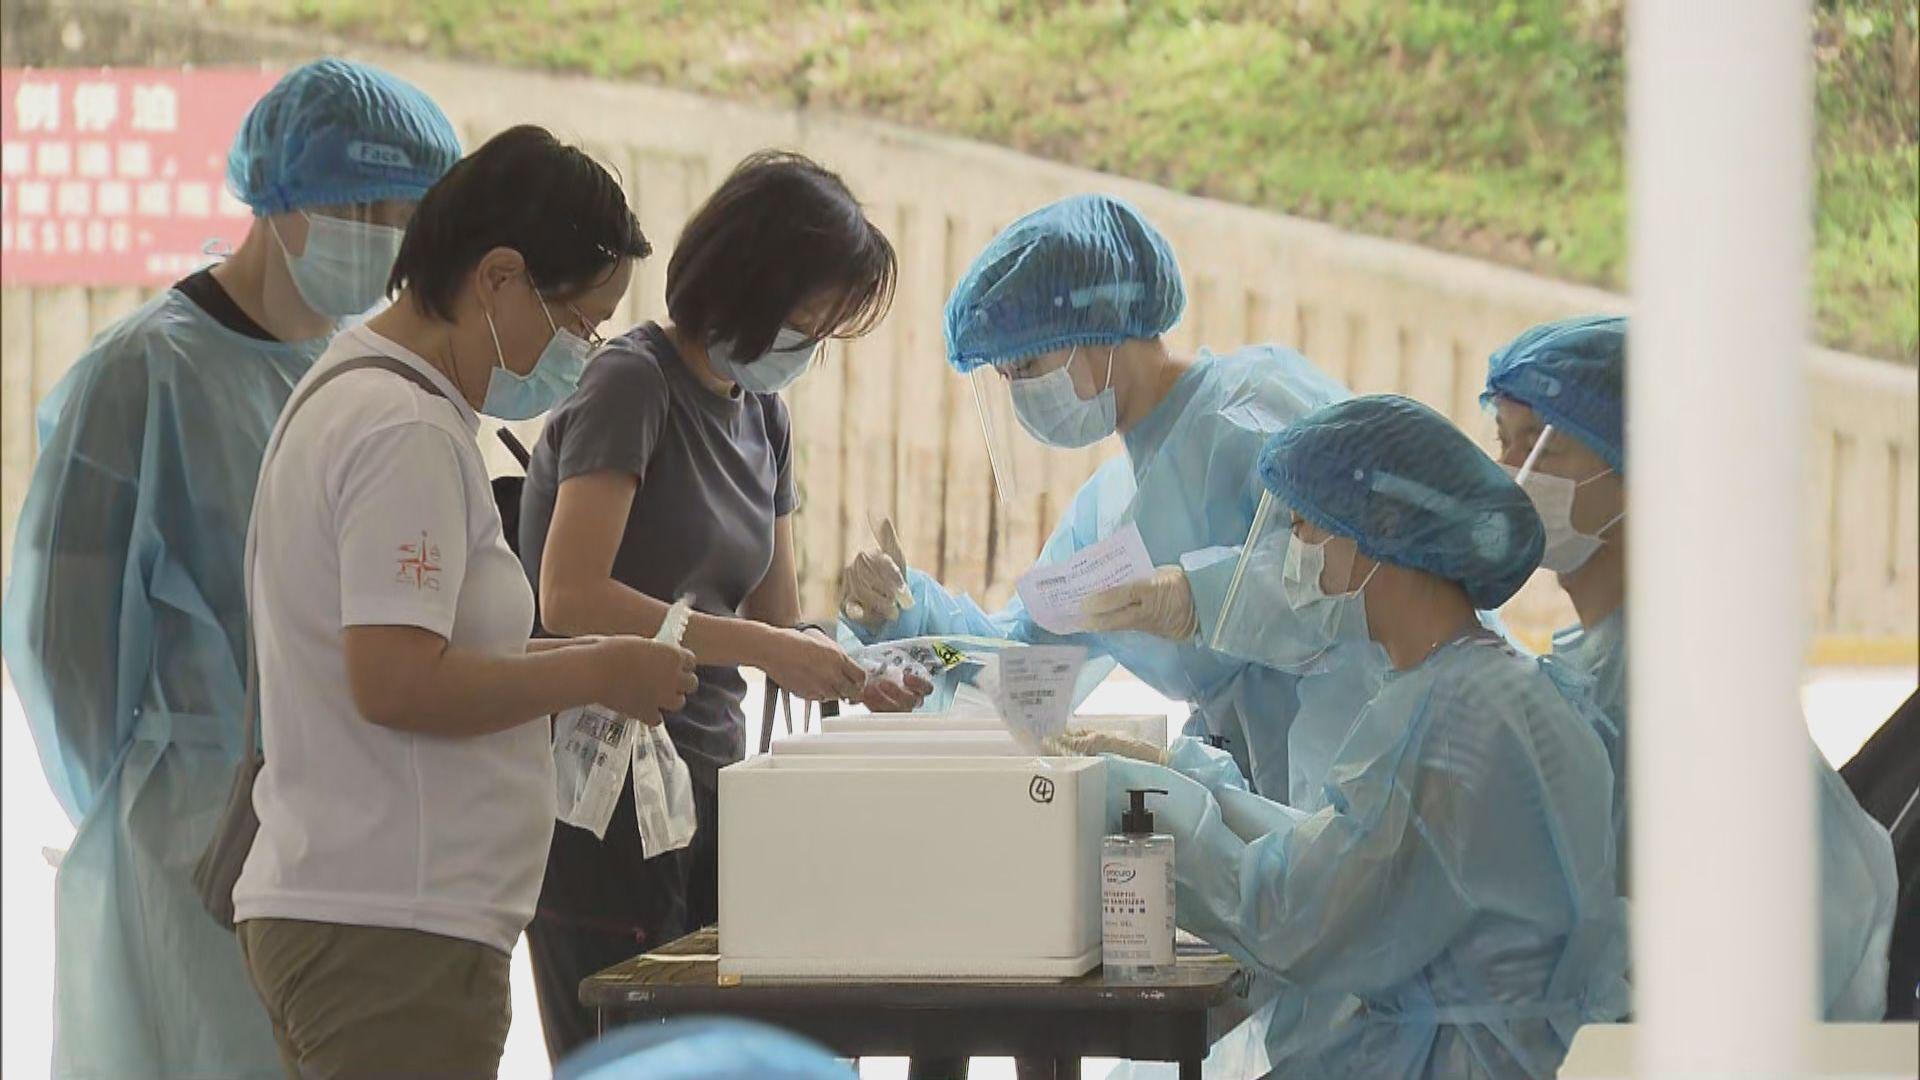 免費檢測擴大至多區 市民交回自採咽拭子樣本